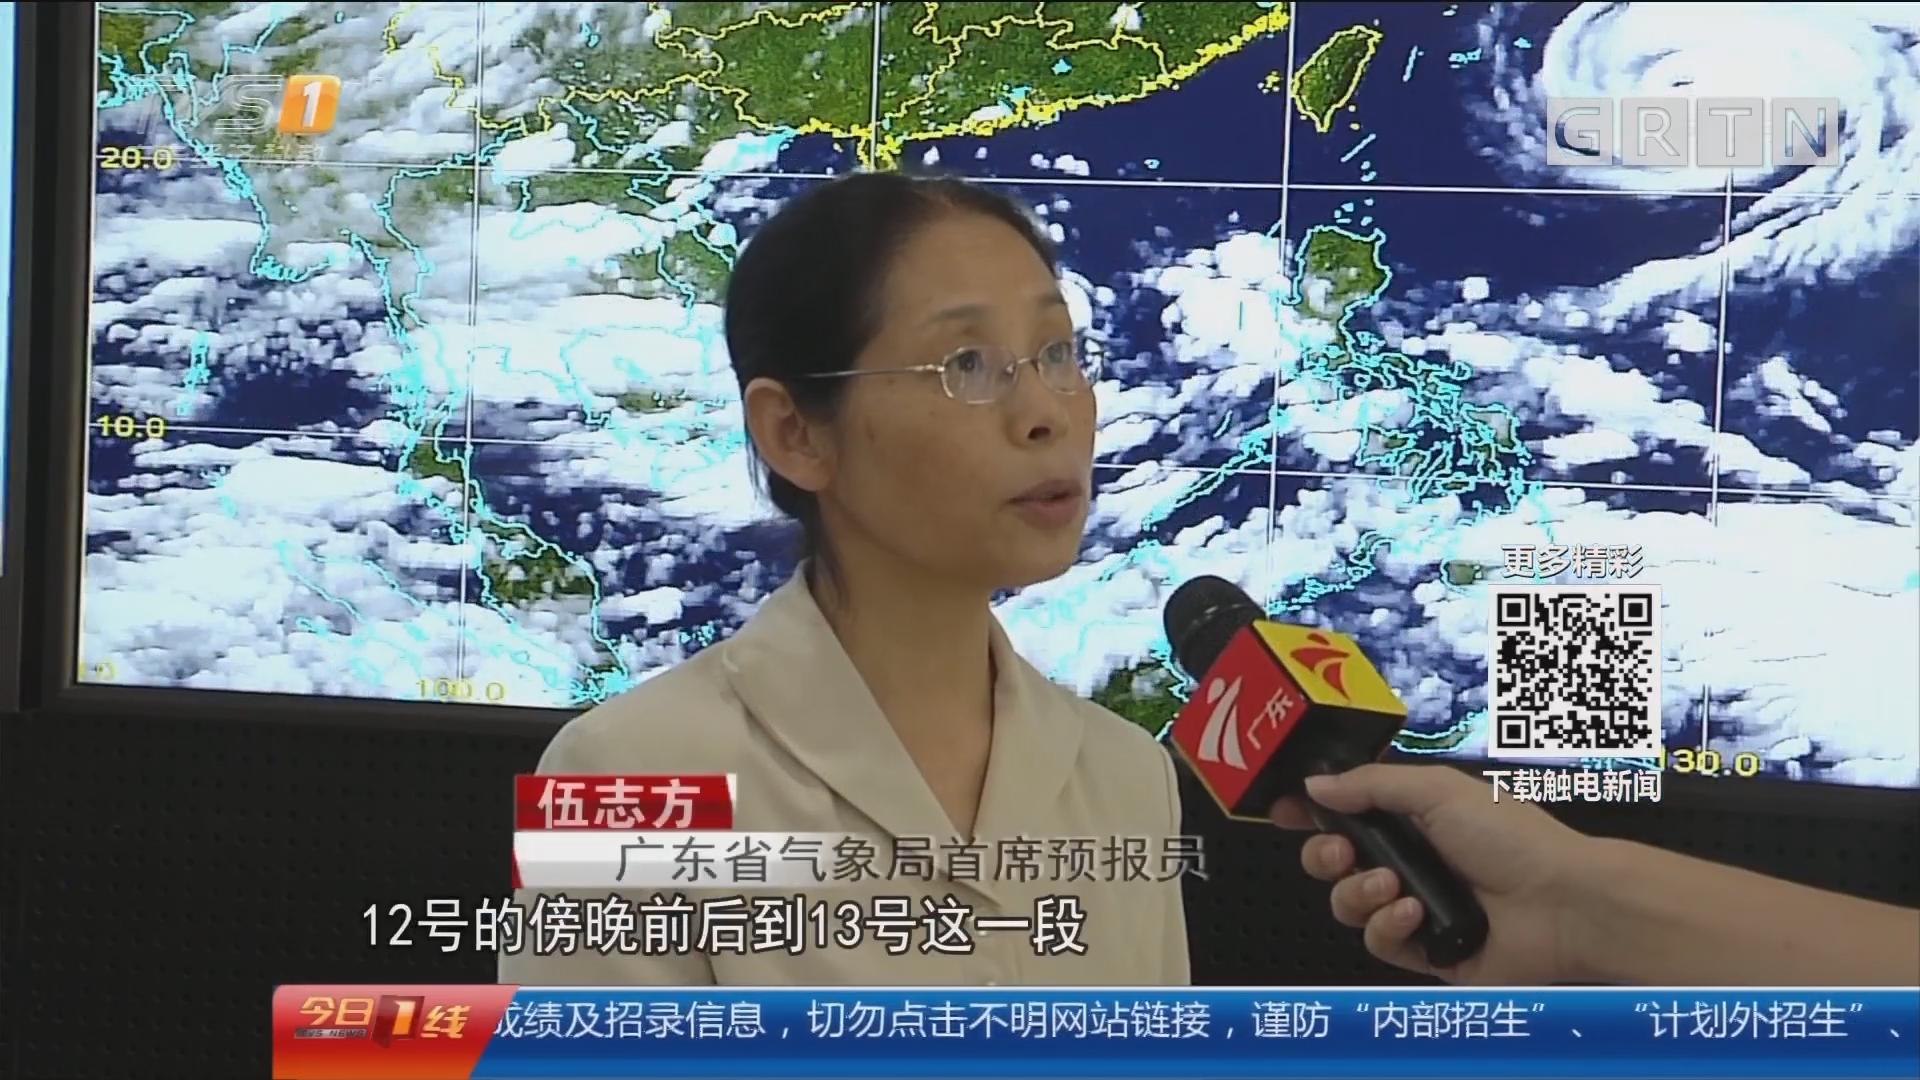 关注天气:超强台风袭闽 今明广东高温局部暴雨